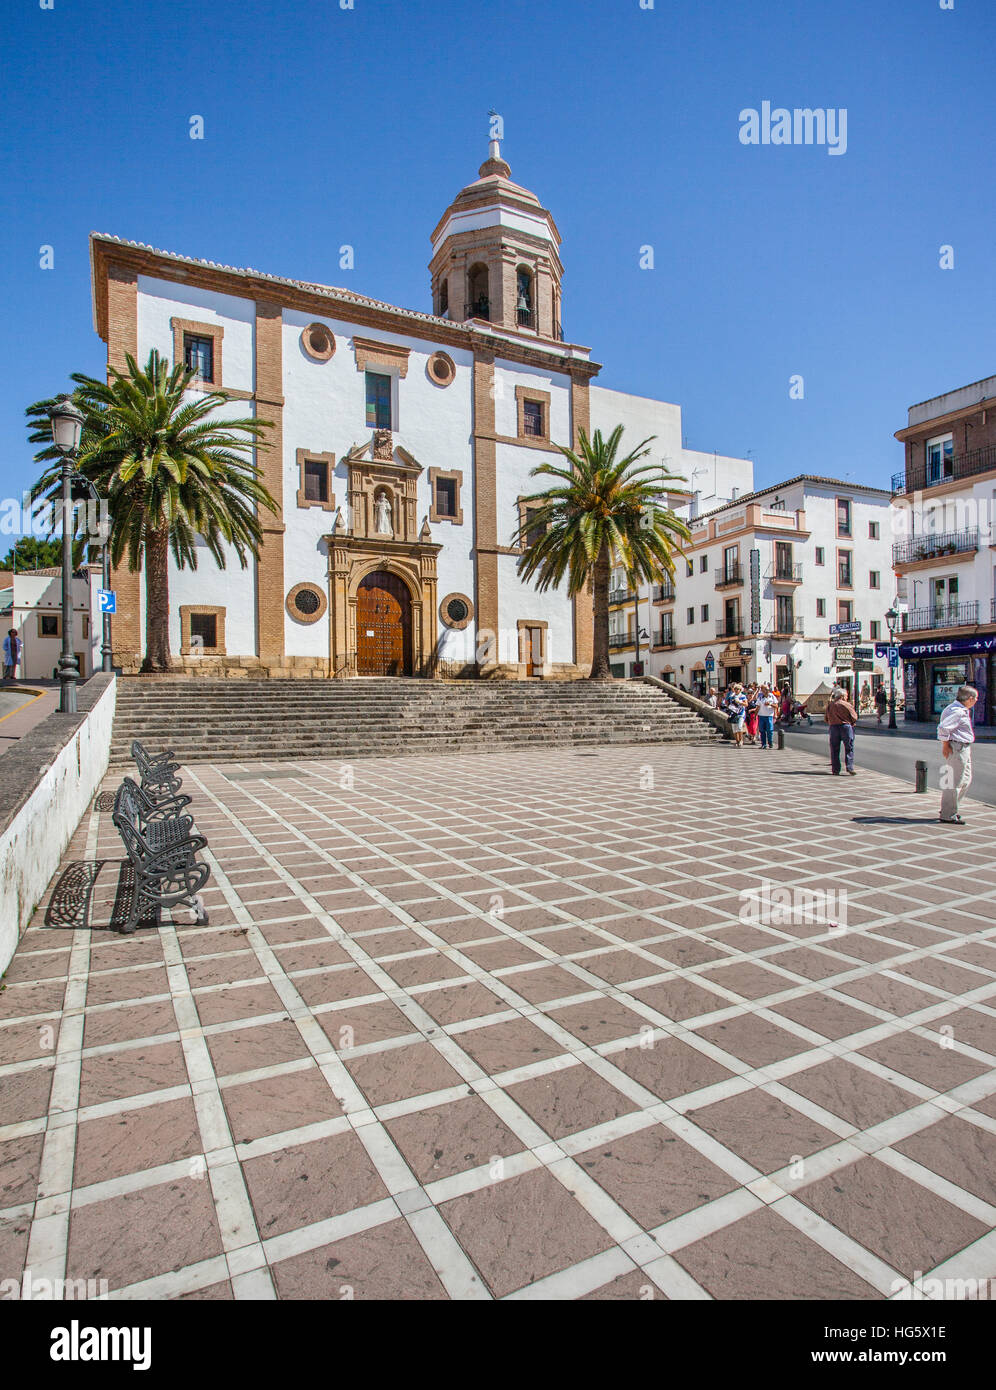 Spain, Andalusia, Province of Malaga, Ronda, 16th century Iglesia de Nuestra Senora de la Merced - Stock Image